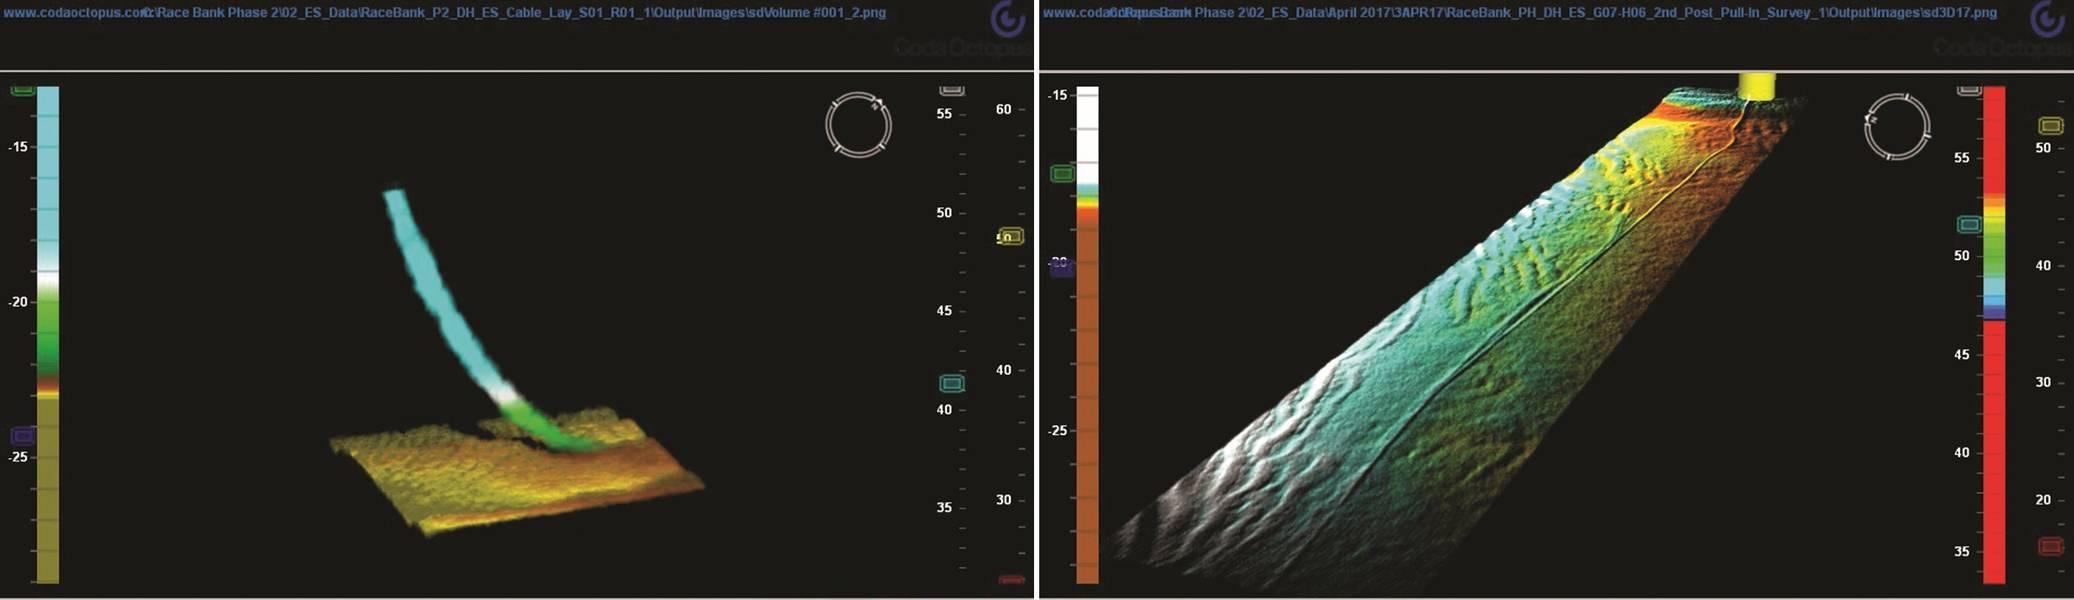 Fig. 8 - Catenaria del cable de alimentación y monitorización de TD / levantamiento del cable a medida (Imagen: Coda Octopus)